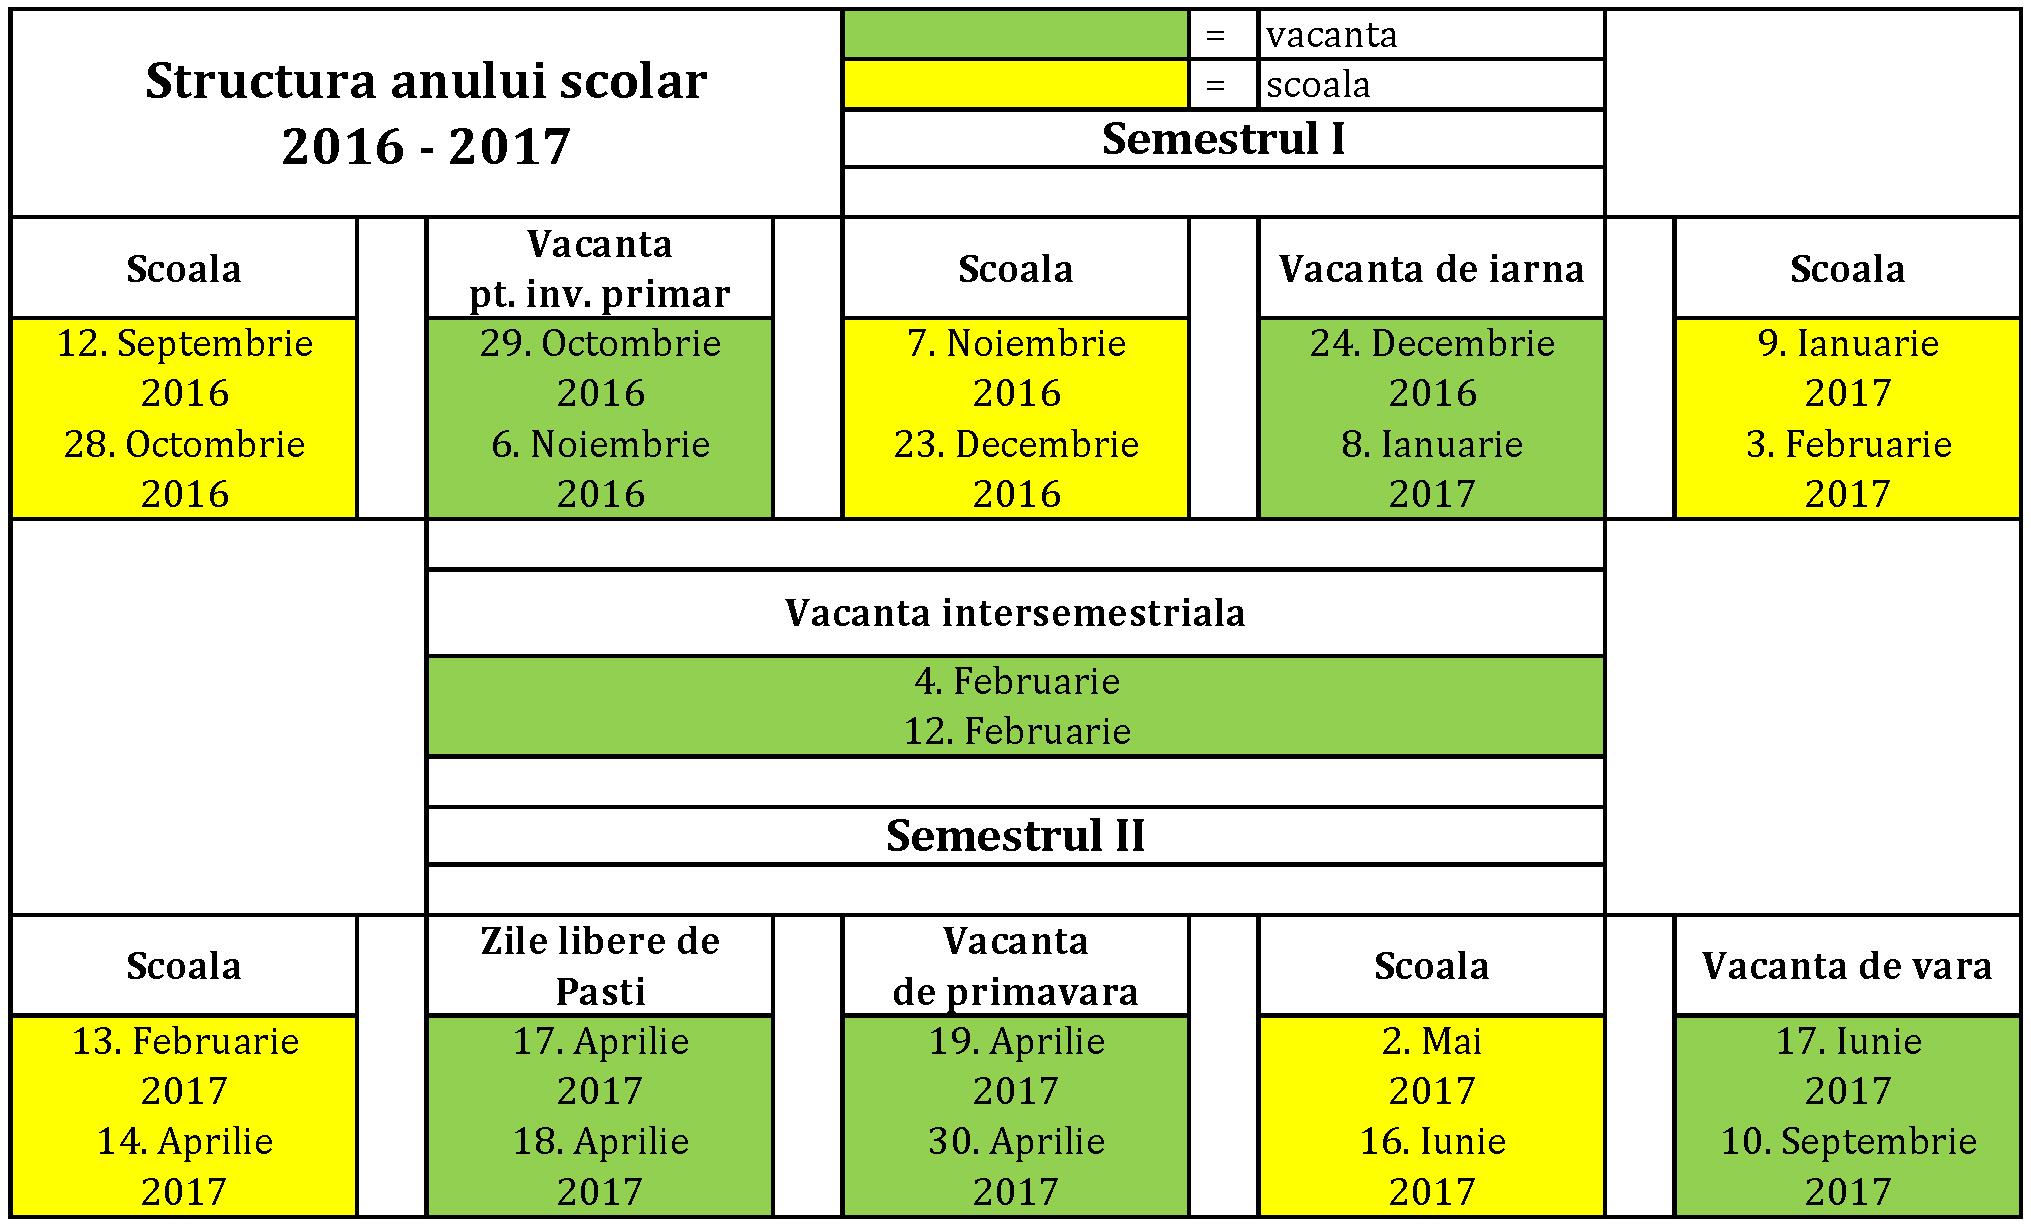 structura an scolar 2017